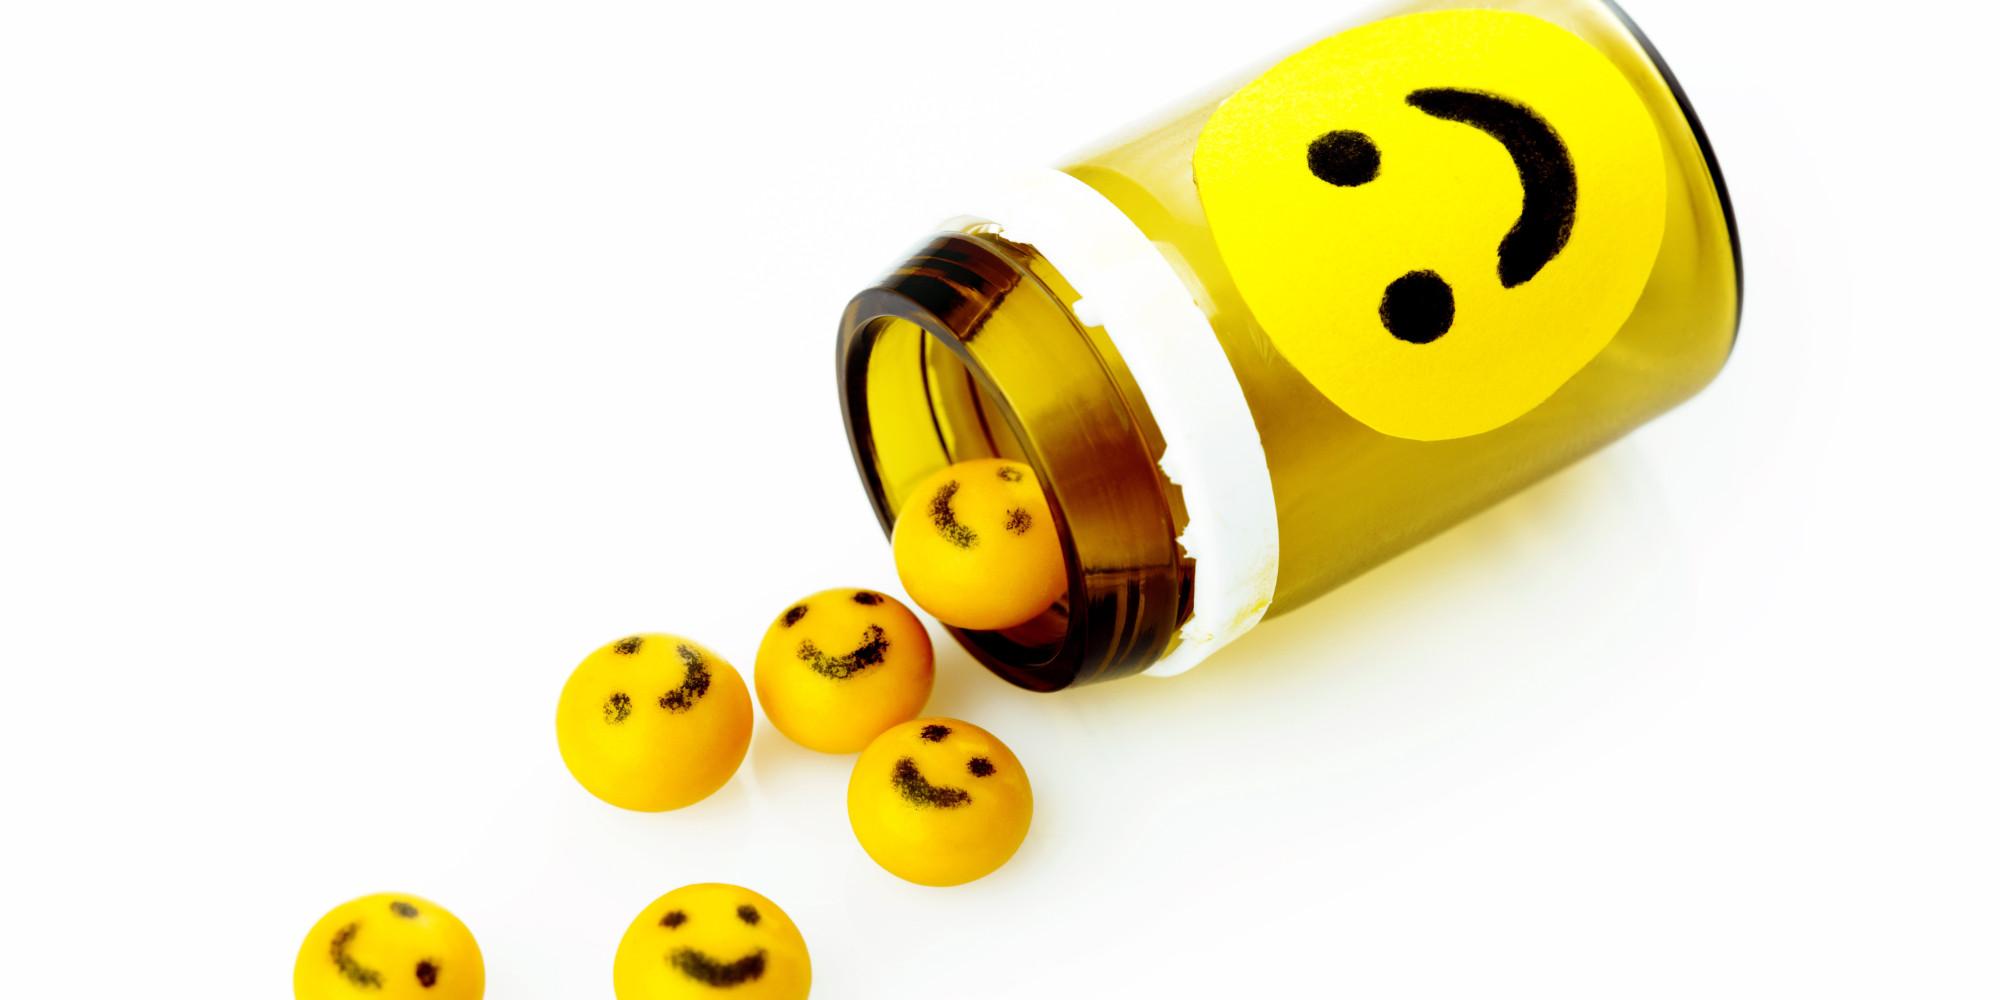 Антидепрессанты выдаваемые без рецептов врачей